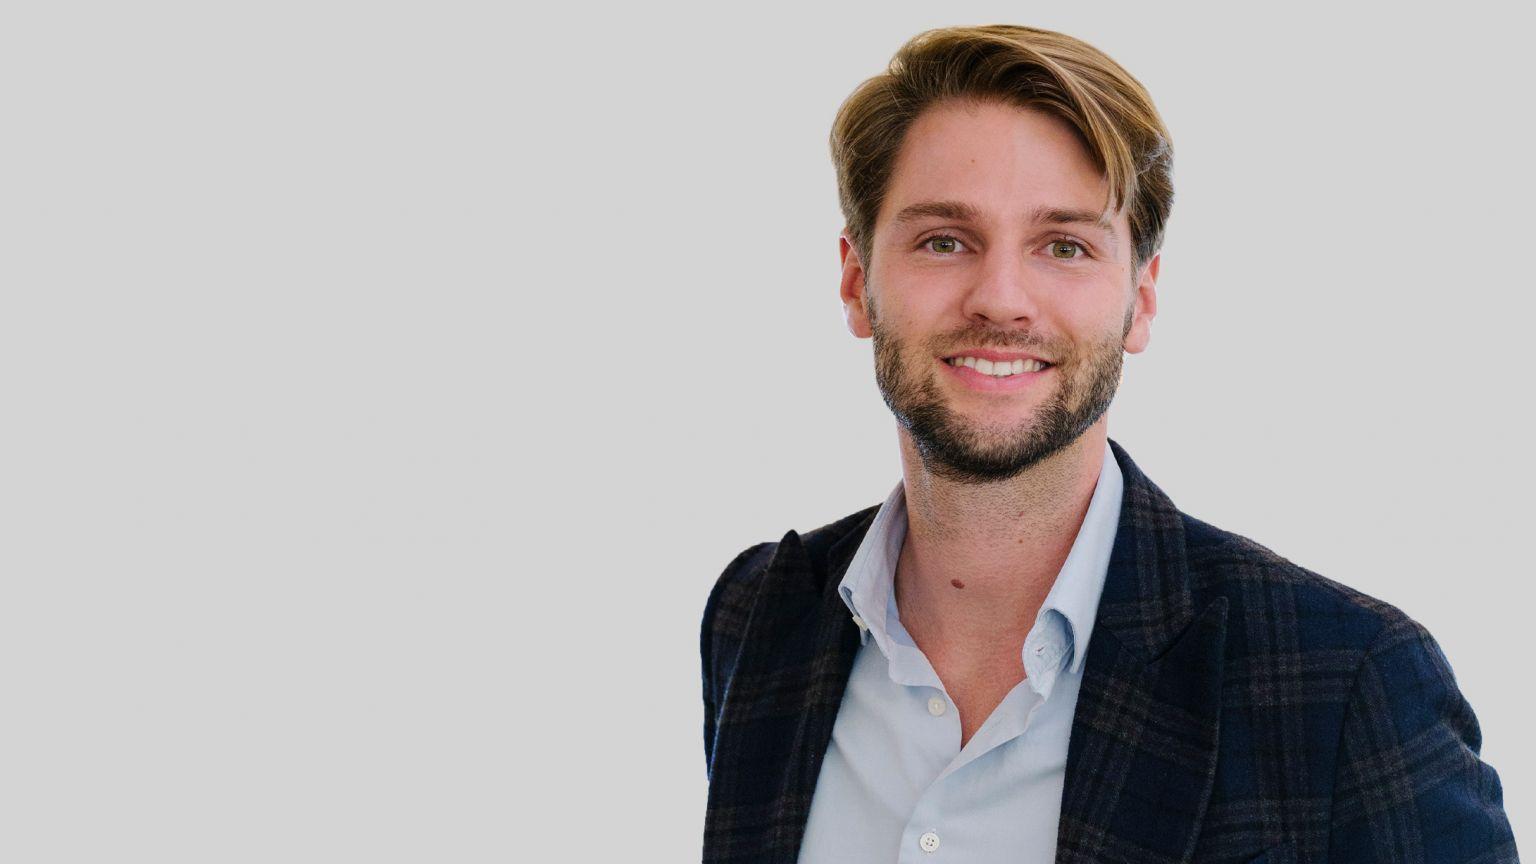 Rendity startet digitalen Immobilien-Sparplan